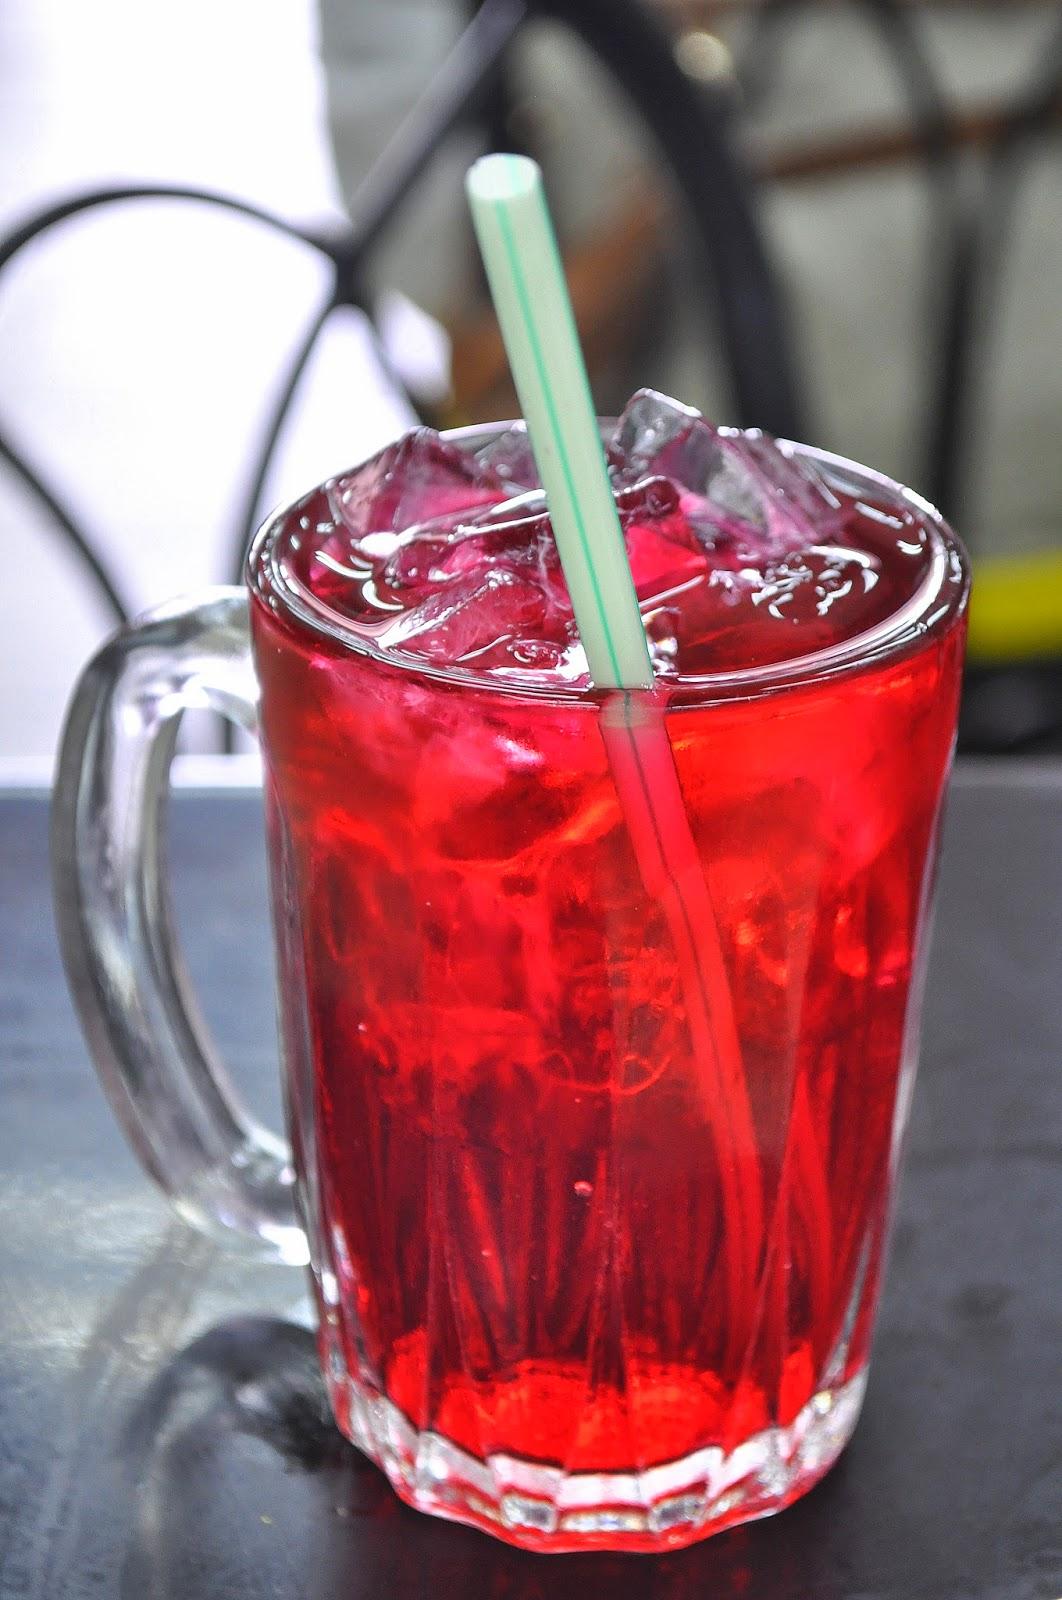 Mahaguru58 Kari Kepala Ikan Kampong Pandan Maju Baik Watermelon Wallpaper Rainbow Find Free HD for Desktop [freshlhys.tk]